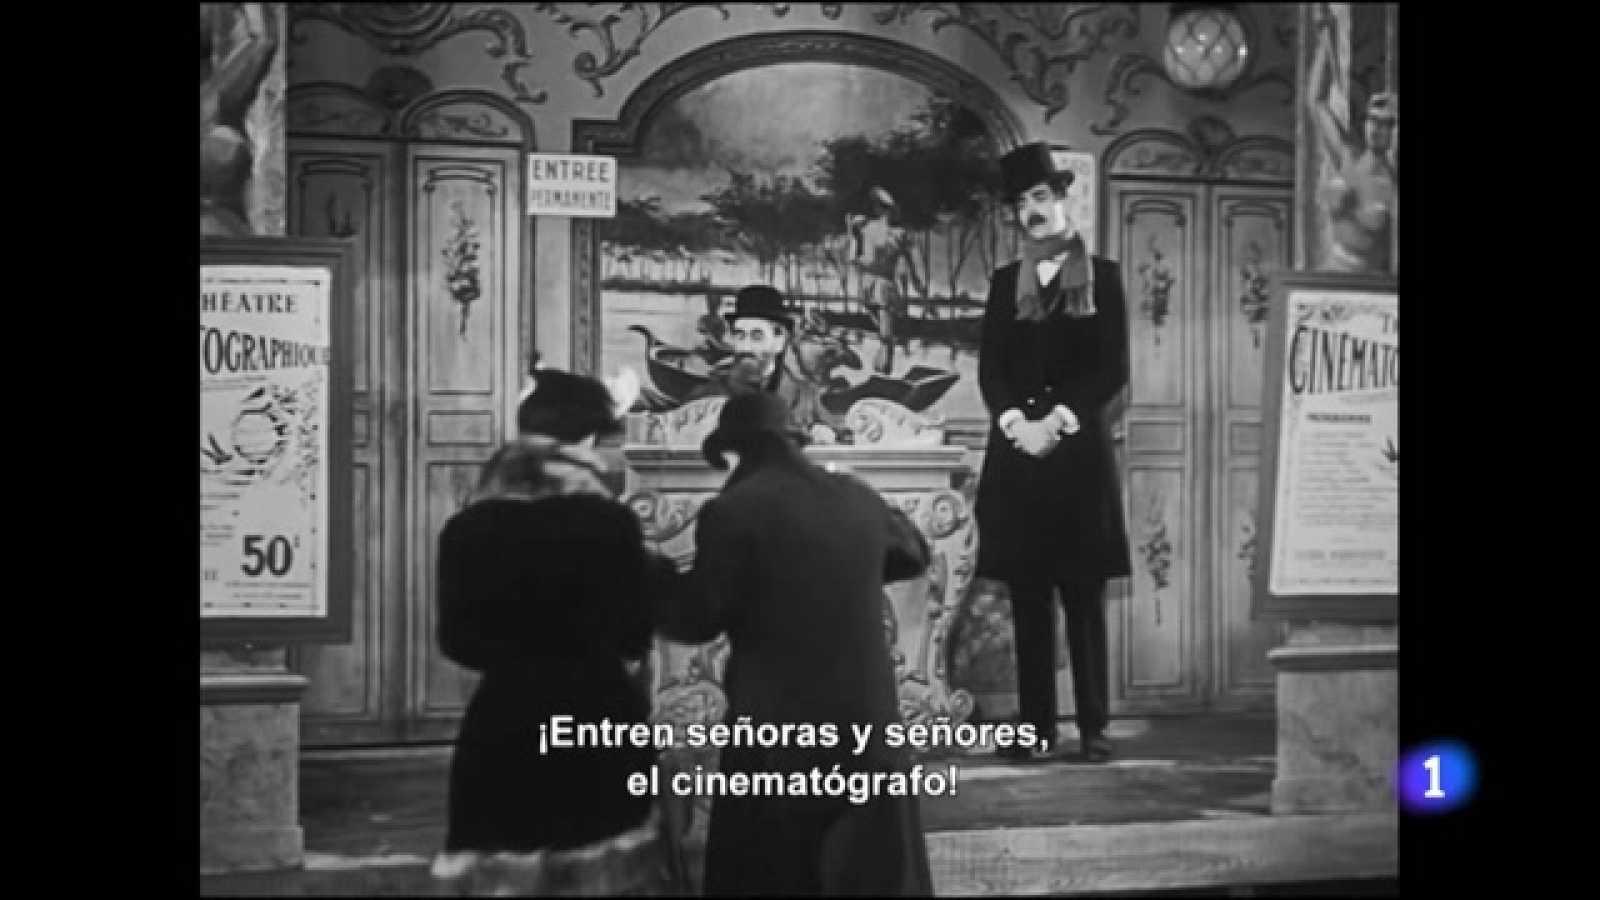 Se cumplen 125 años de la primera proyección pública de cine de los hermanos Lumière